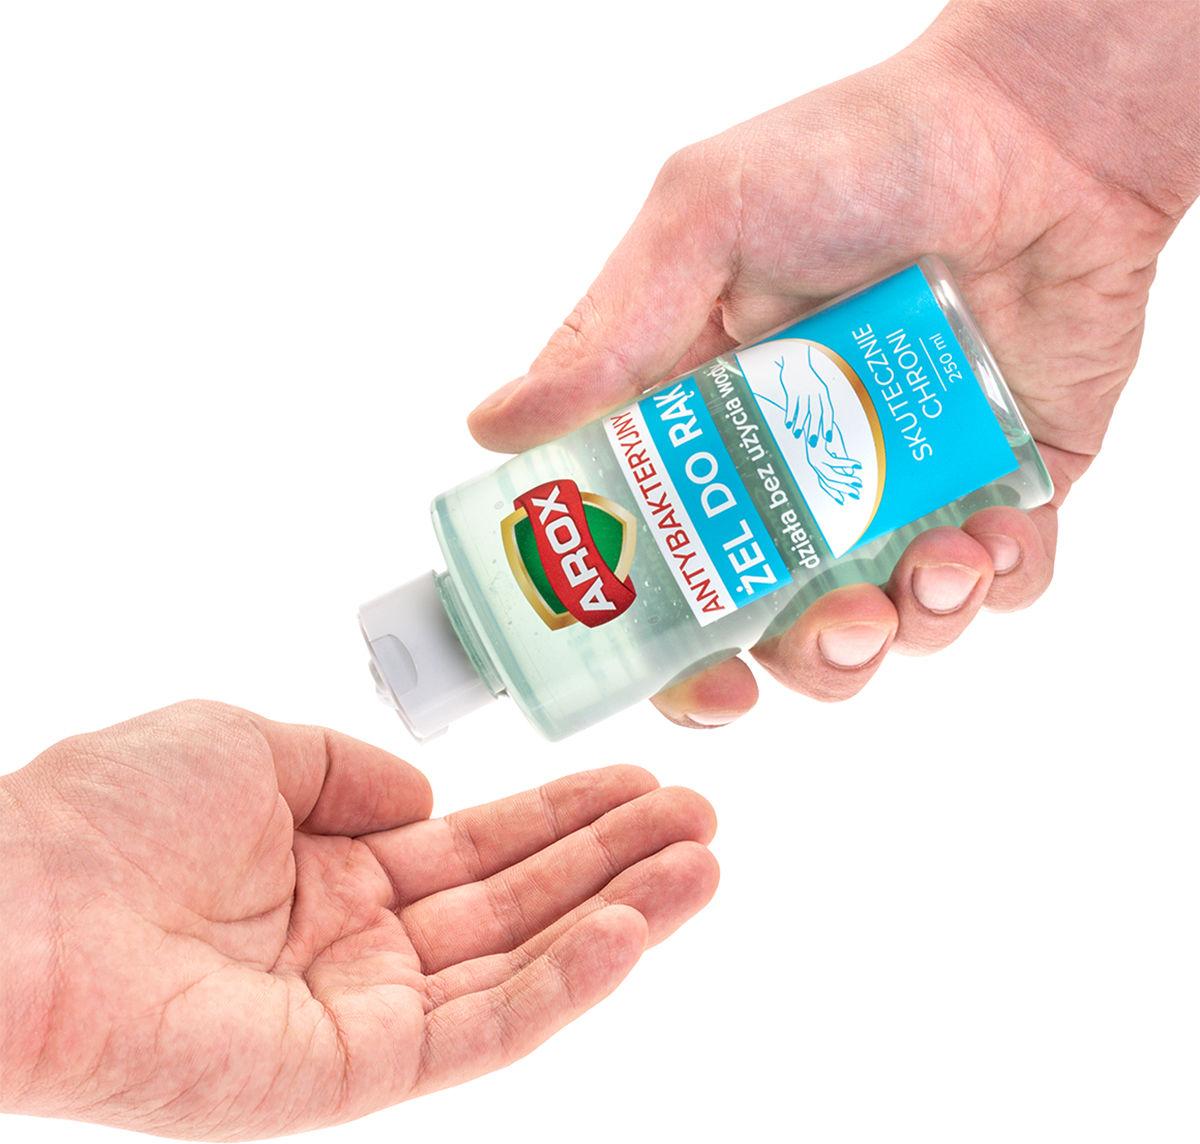 Żel antybakteryjny do dezynfekcji rąk Arox 250 ml